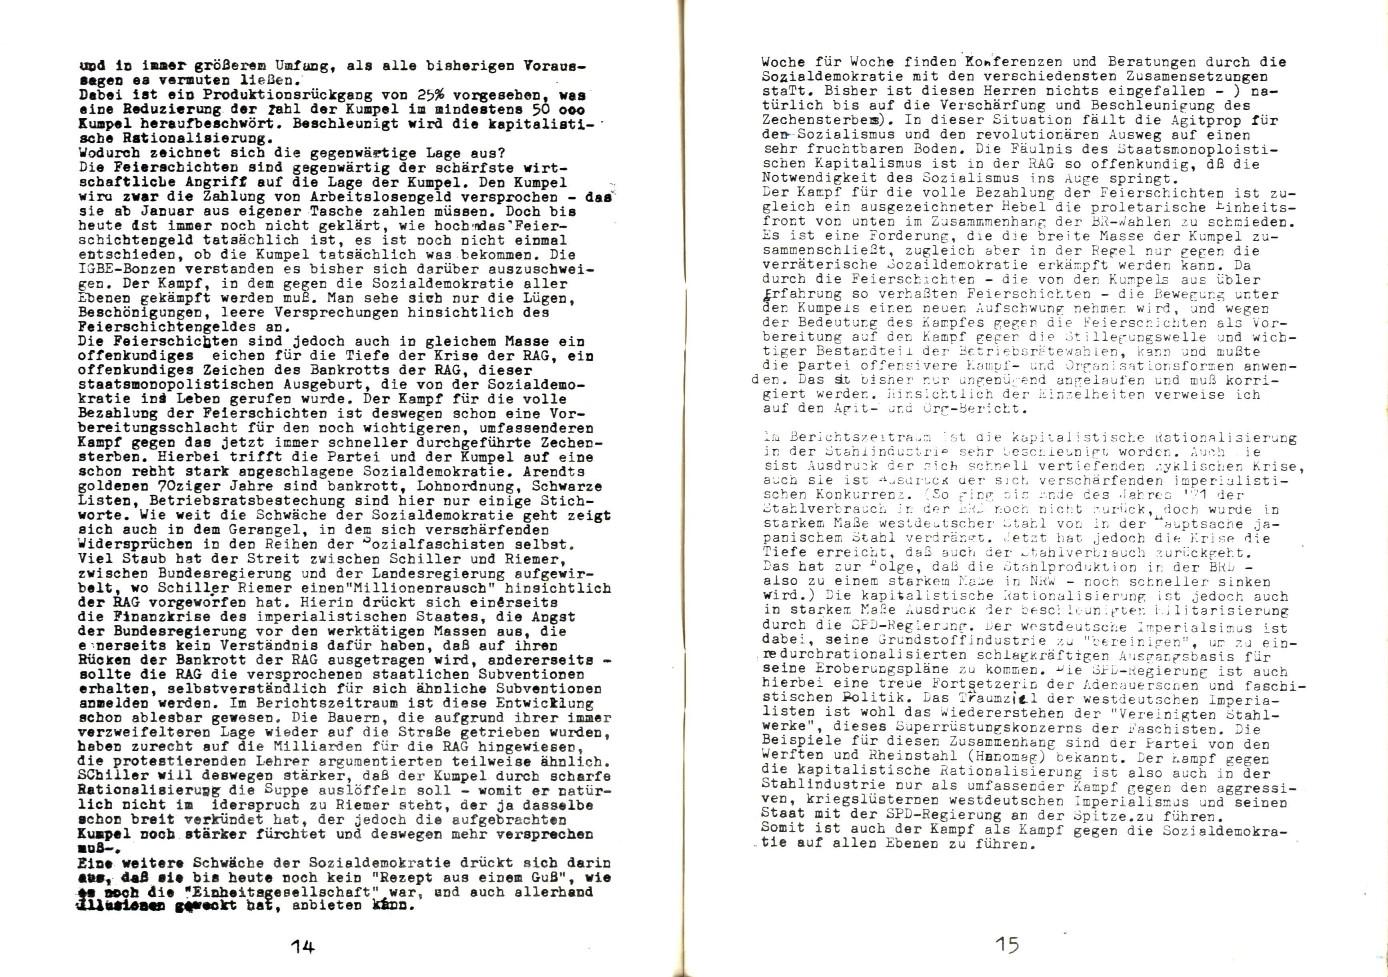 NRW_KPDML_Der_Bolschewist_1972_04_09